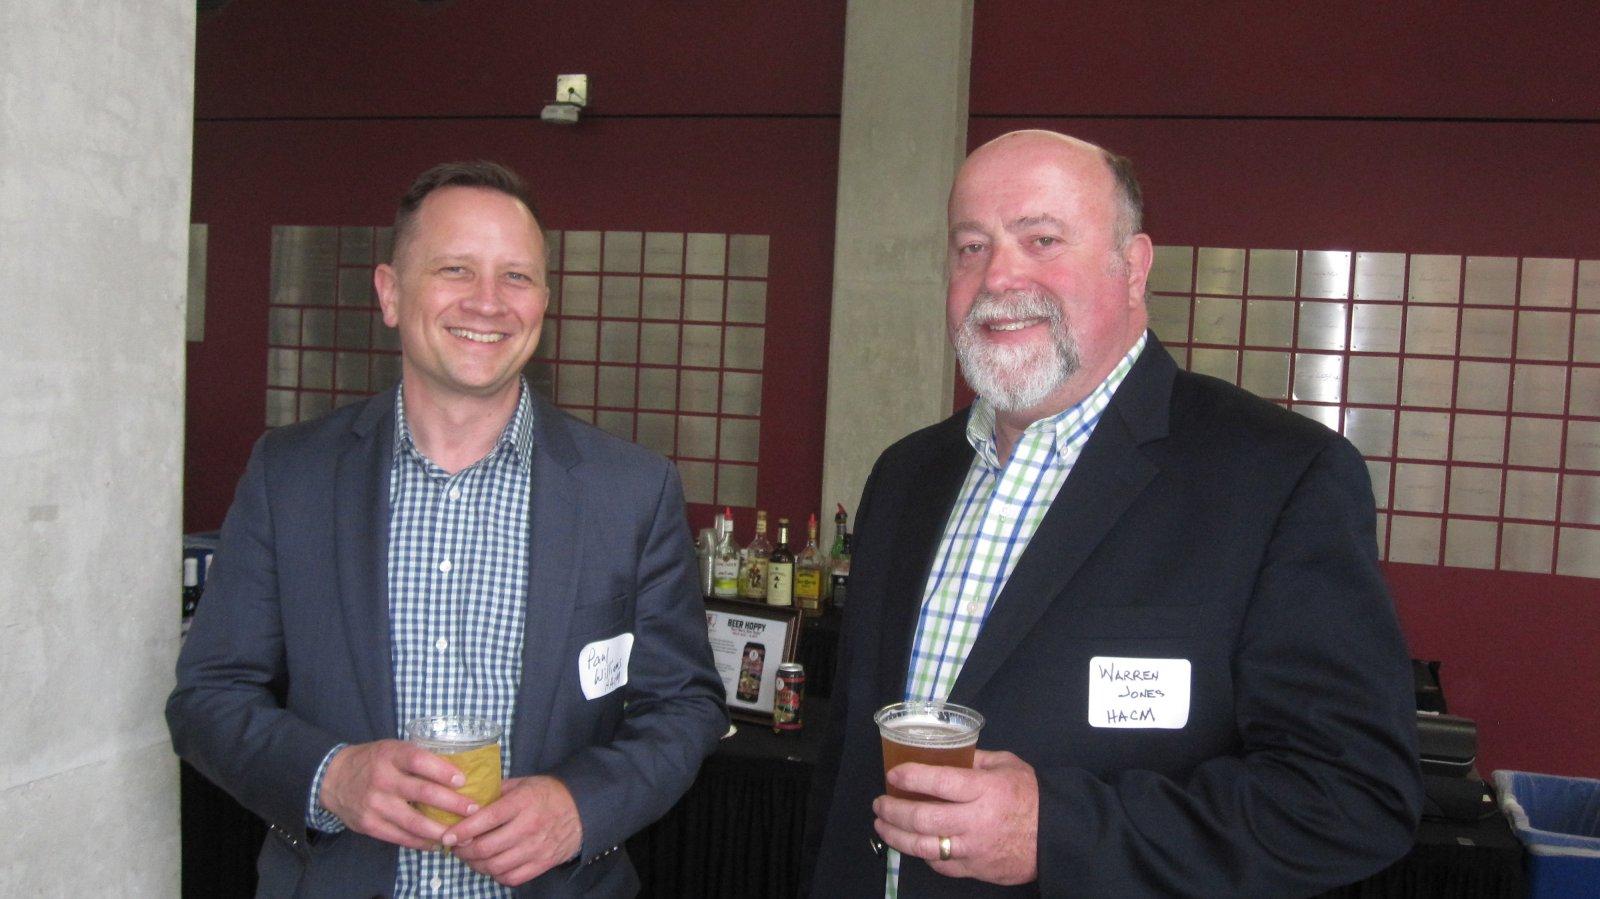 Paul Williams and Warren Jones